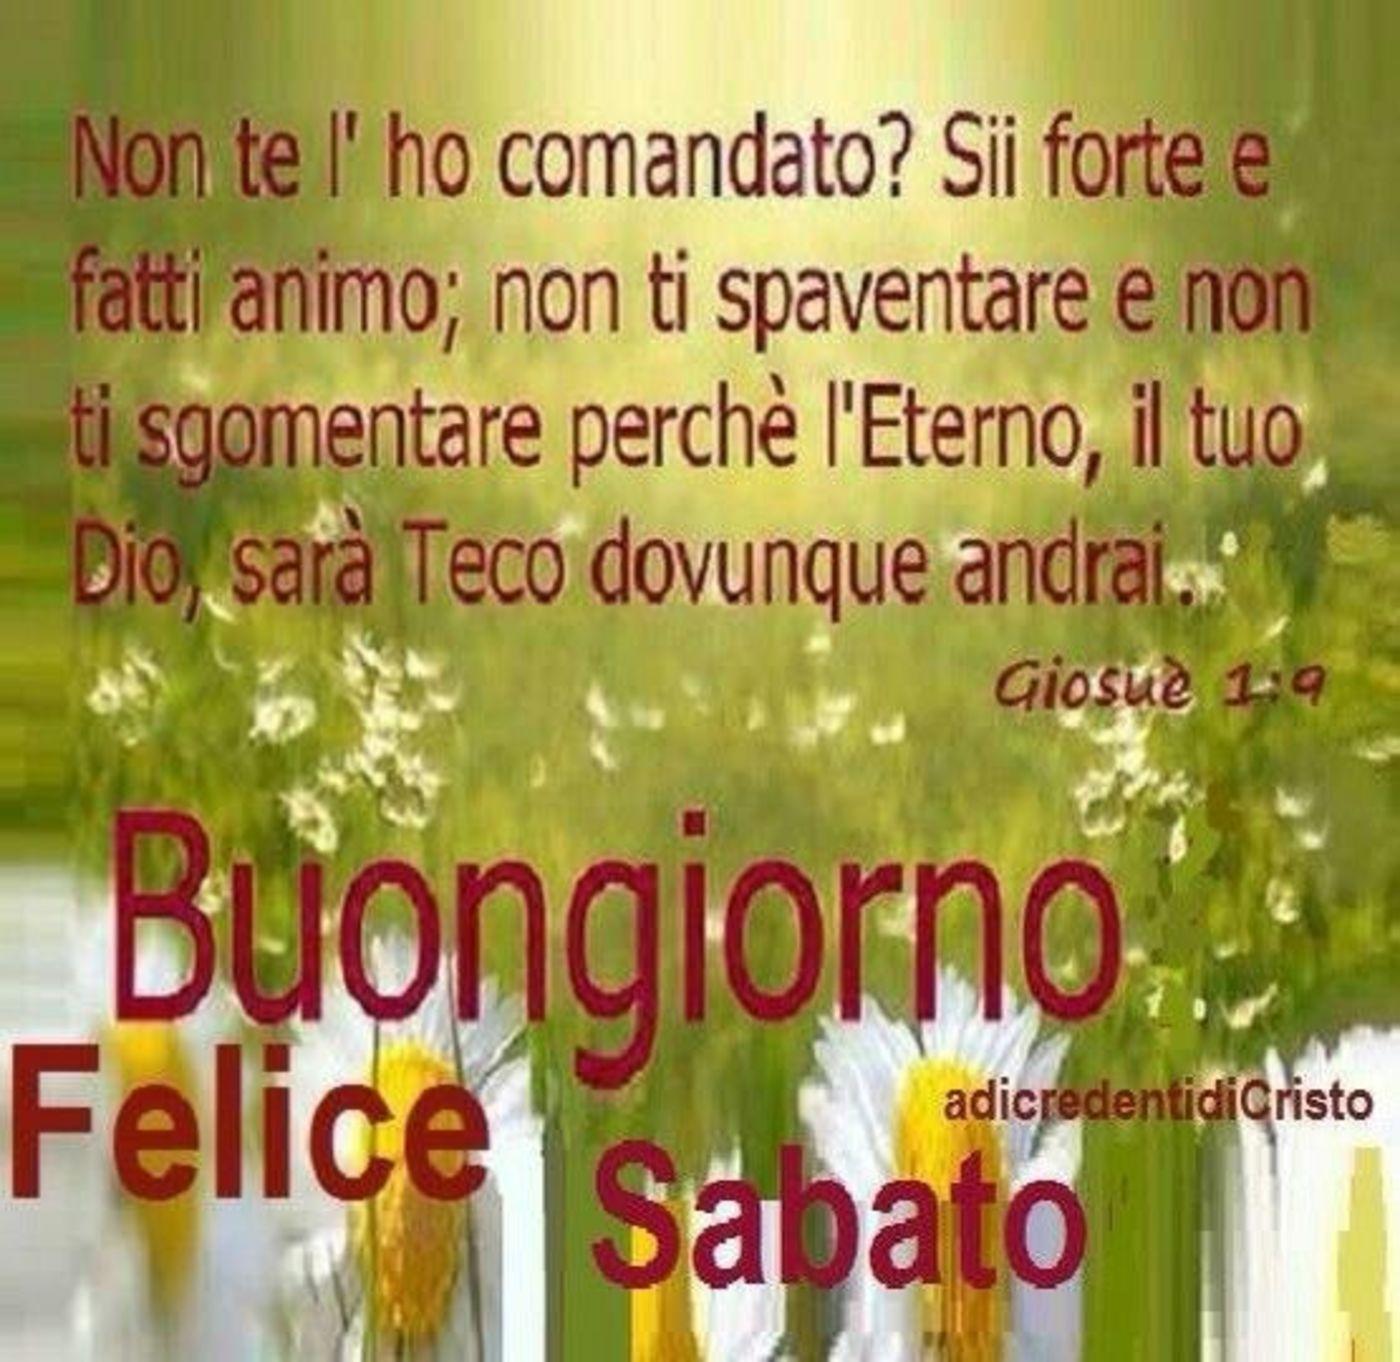 Buongiorno Felice Sabato Immagini Sacre Buongiornocongesuit